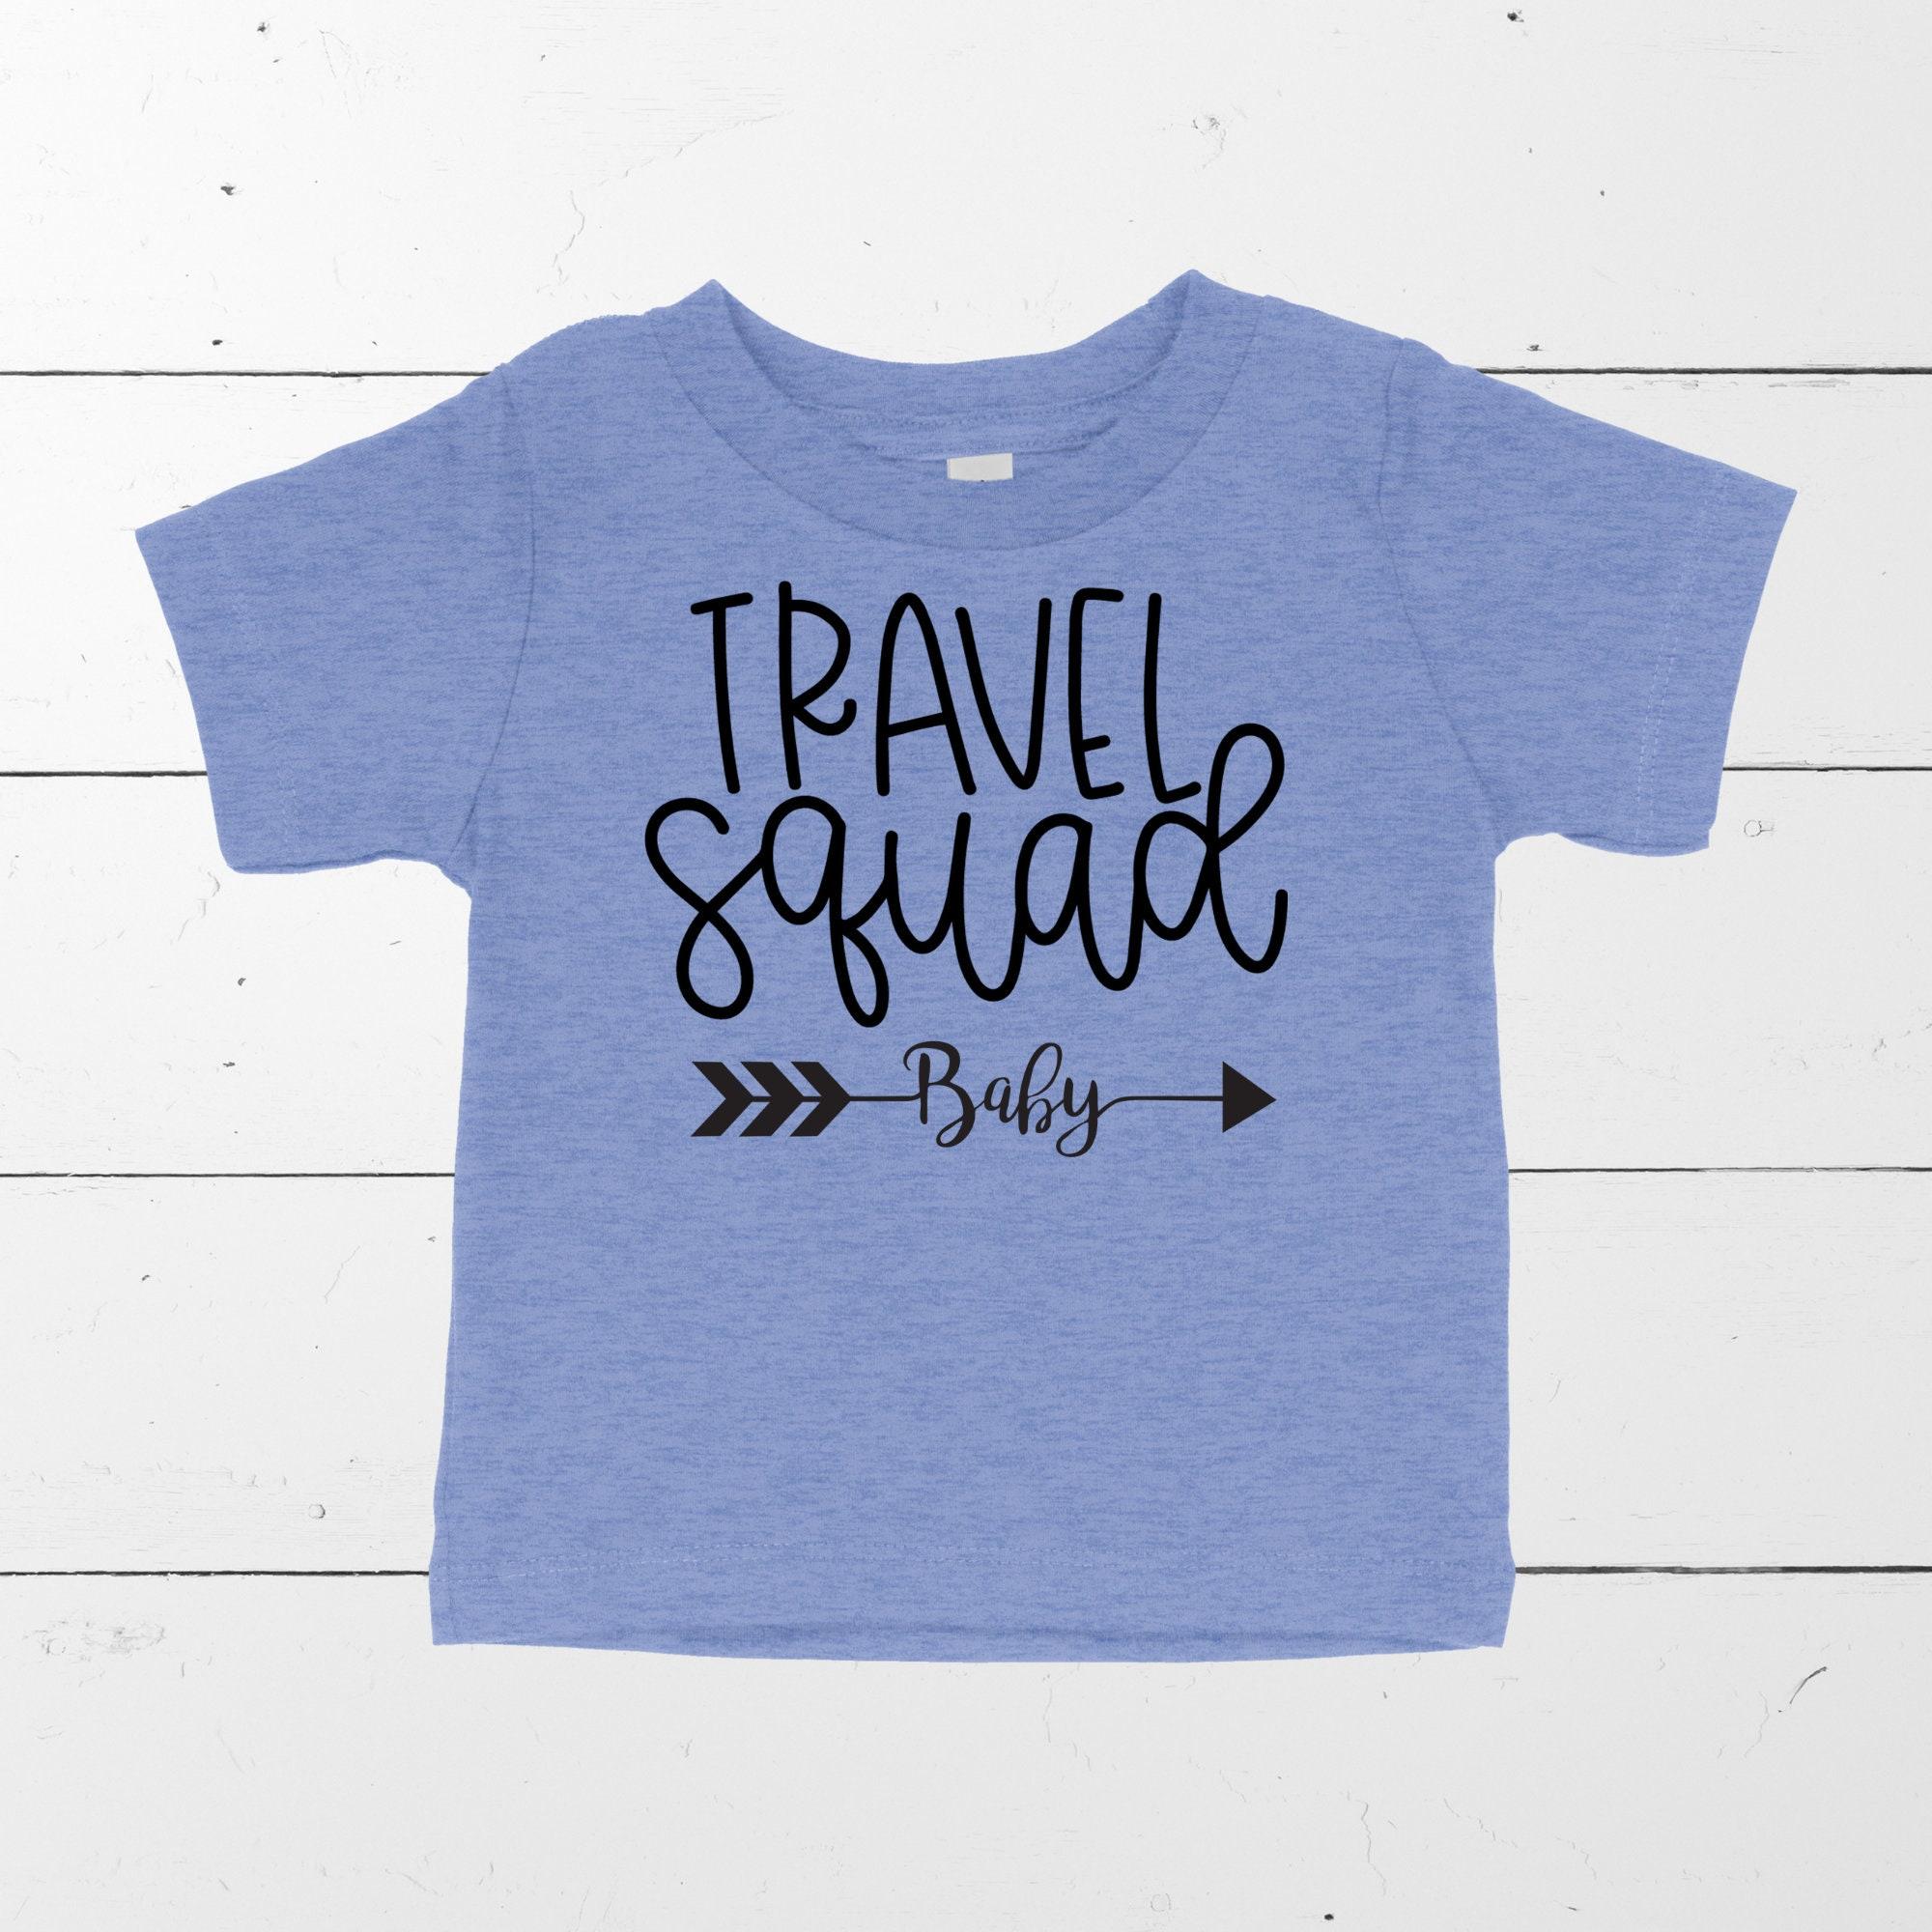 Baby T-shirt Baby Travel Shirt Baby Travel Squad Unisex Tshirt